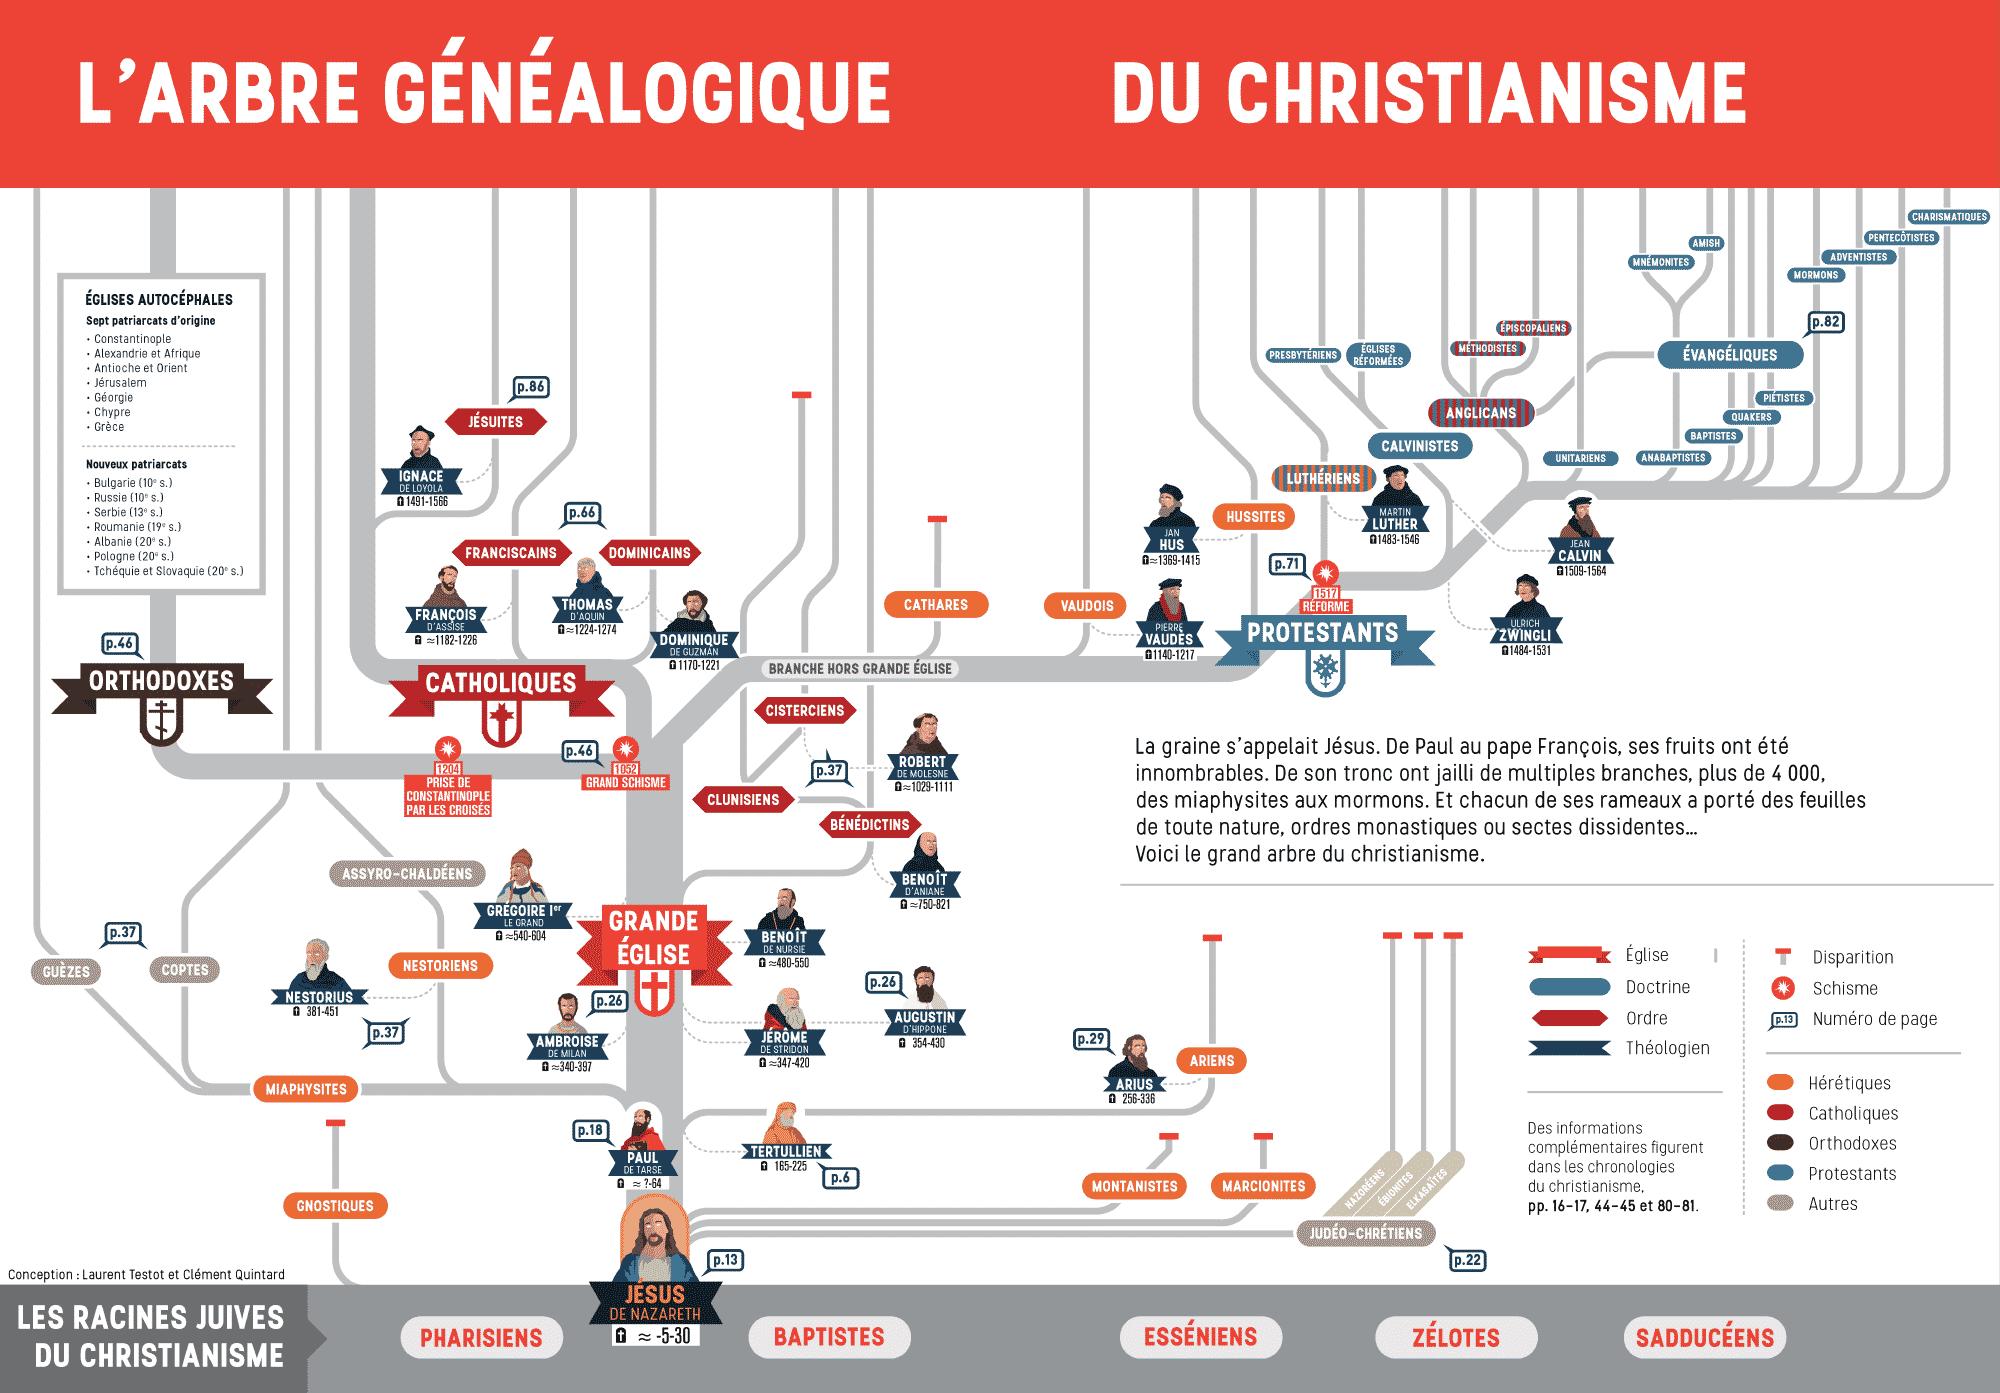 L'arbre généalogique du christe